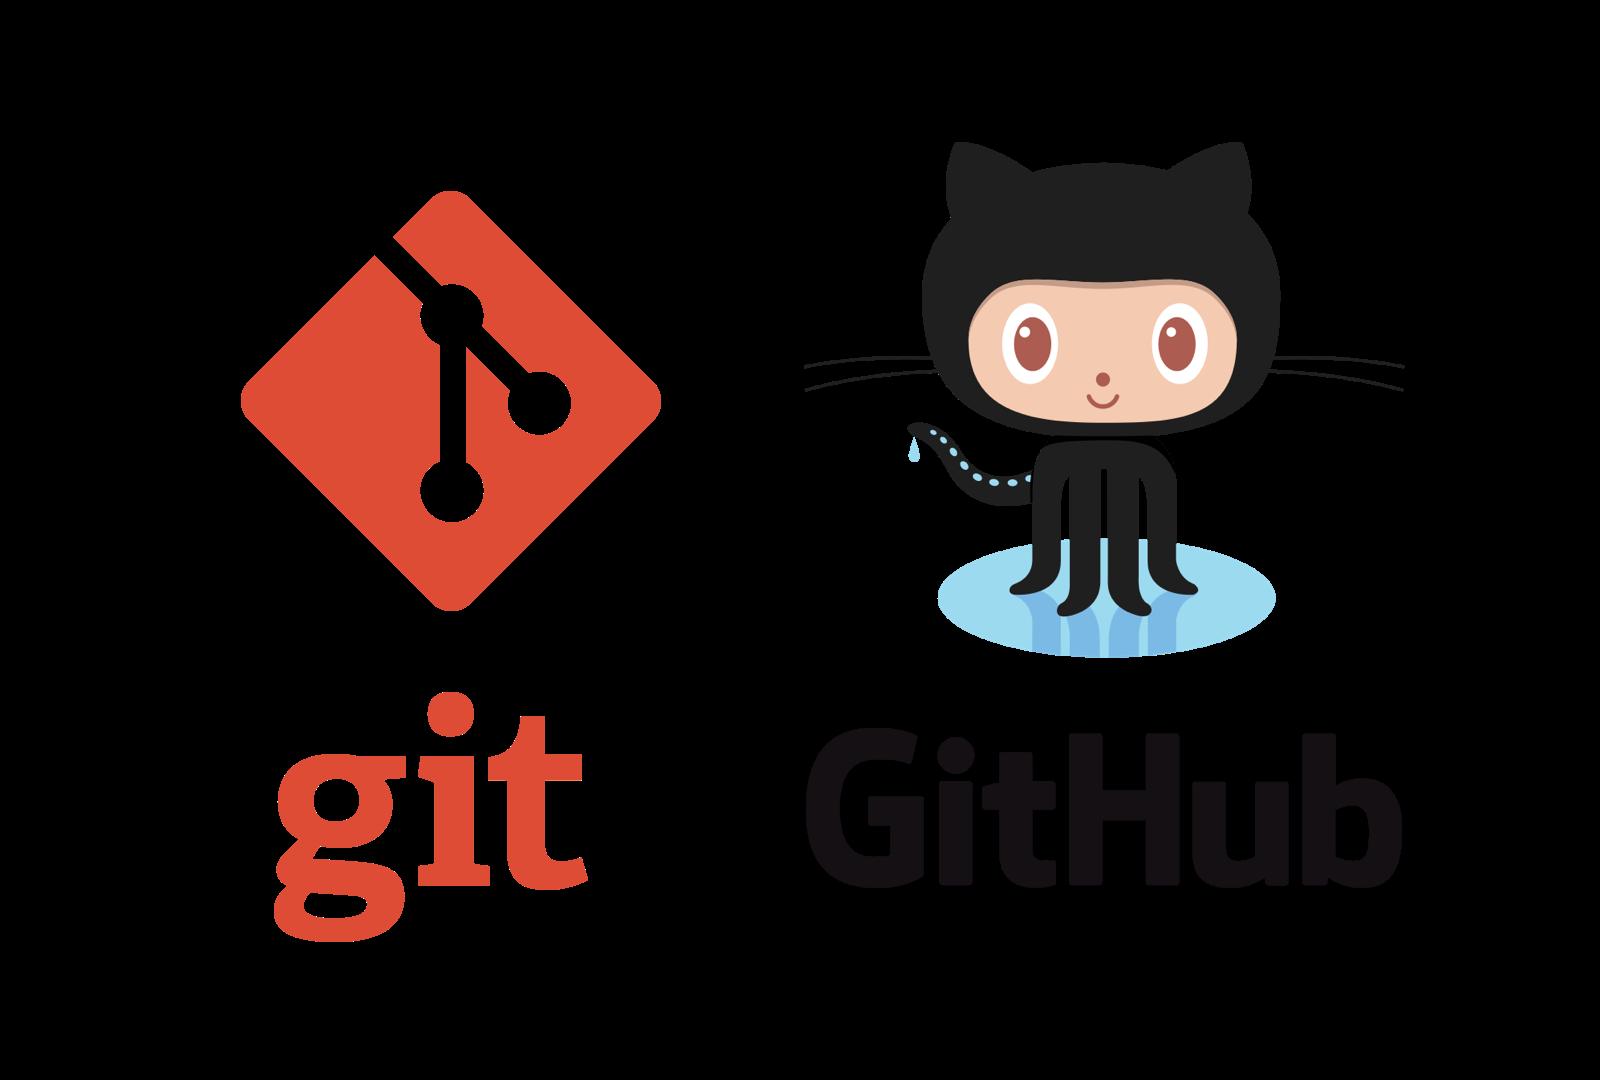 git_github.png